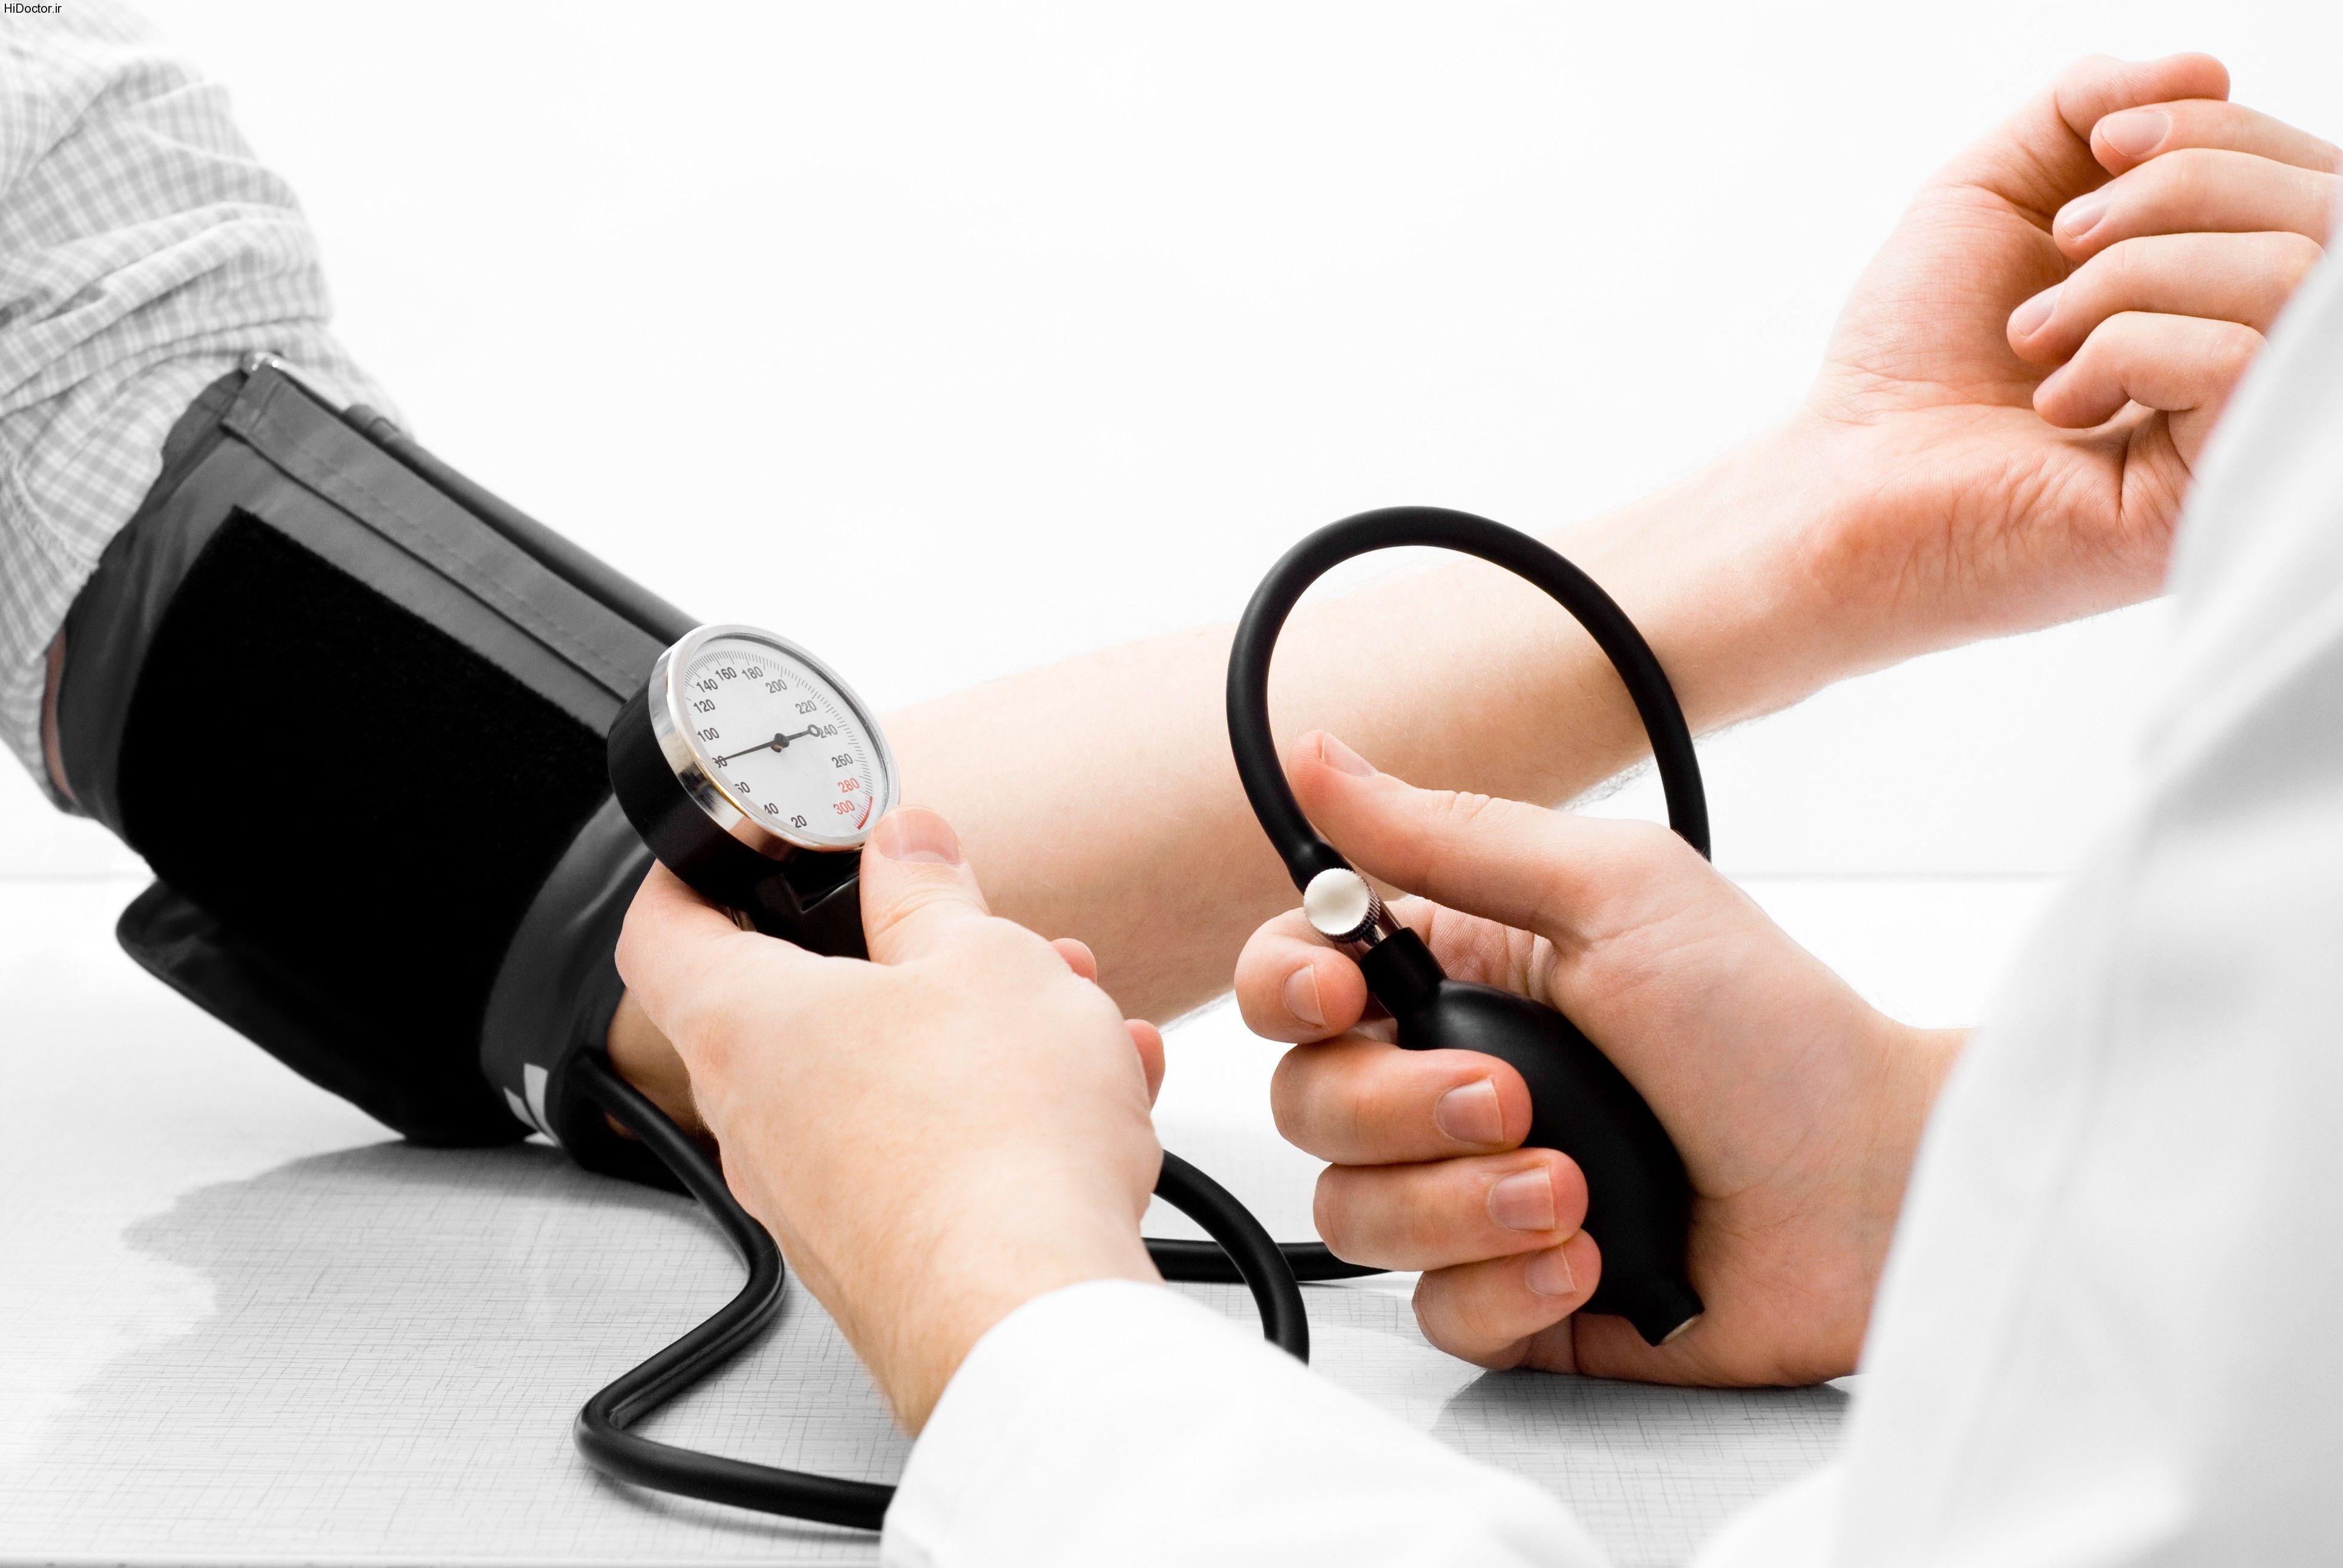 داروهاي ضد فشار خون، خطر ابتلا به آلزايمر را كاهش مي دهند